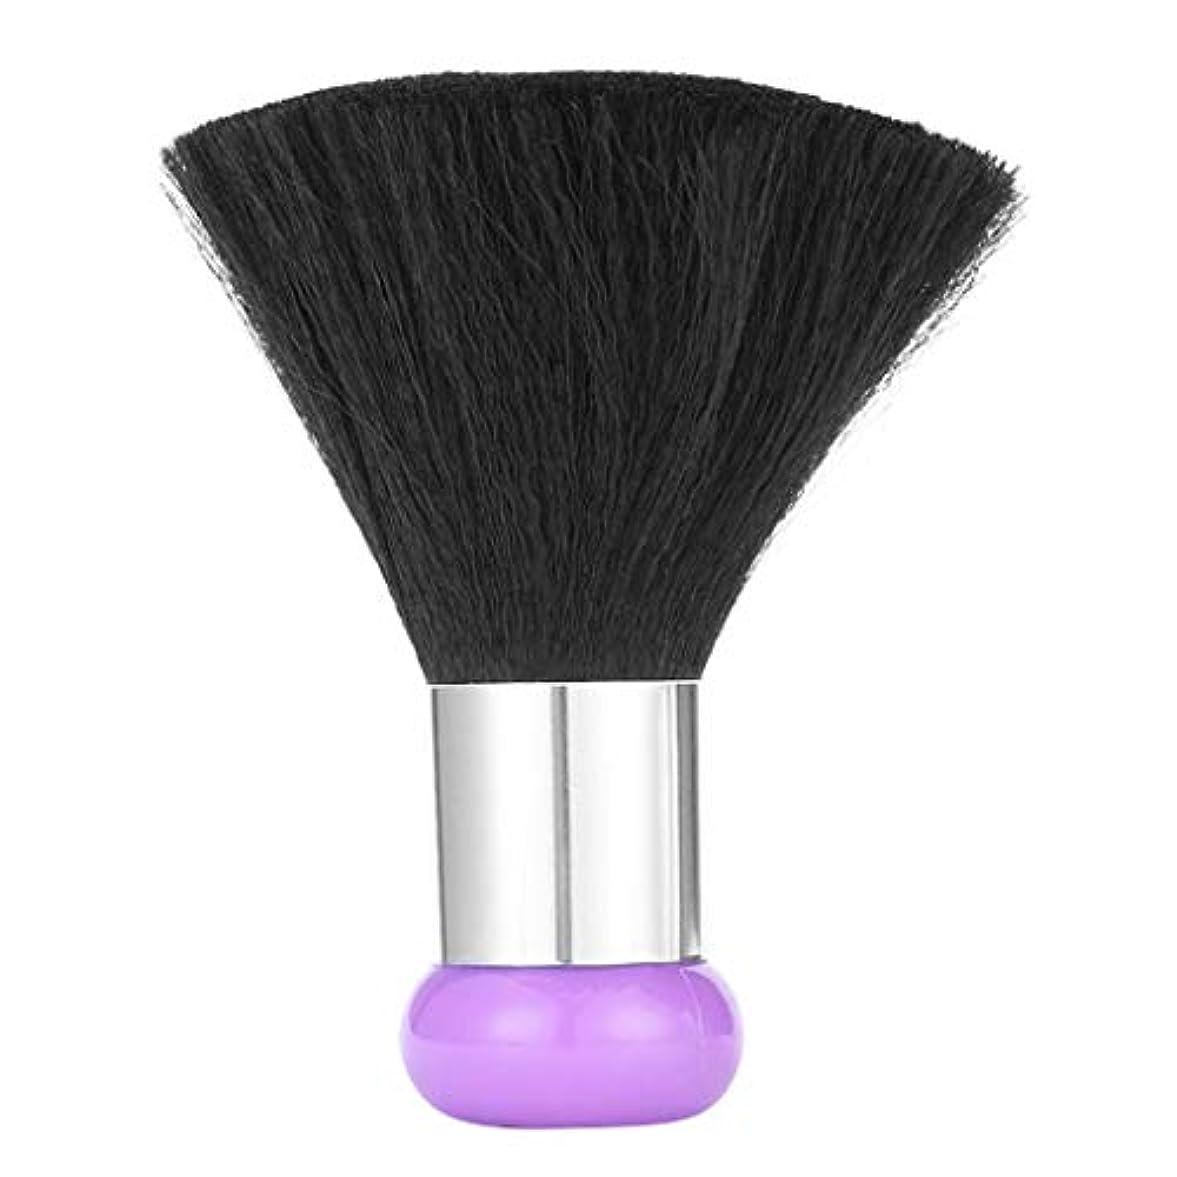 机調整可能麻痺B Blesiya ネックダスターブラシ ヘアカット ヘアブラシ クリーナー プロ 美容院 サロン 2色選べ - 紫